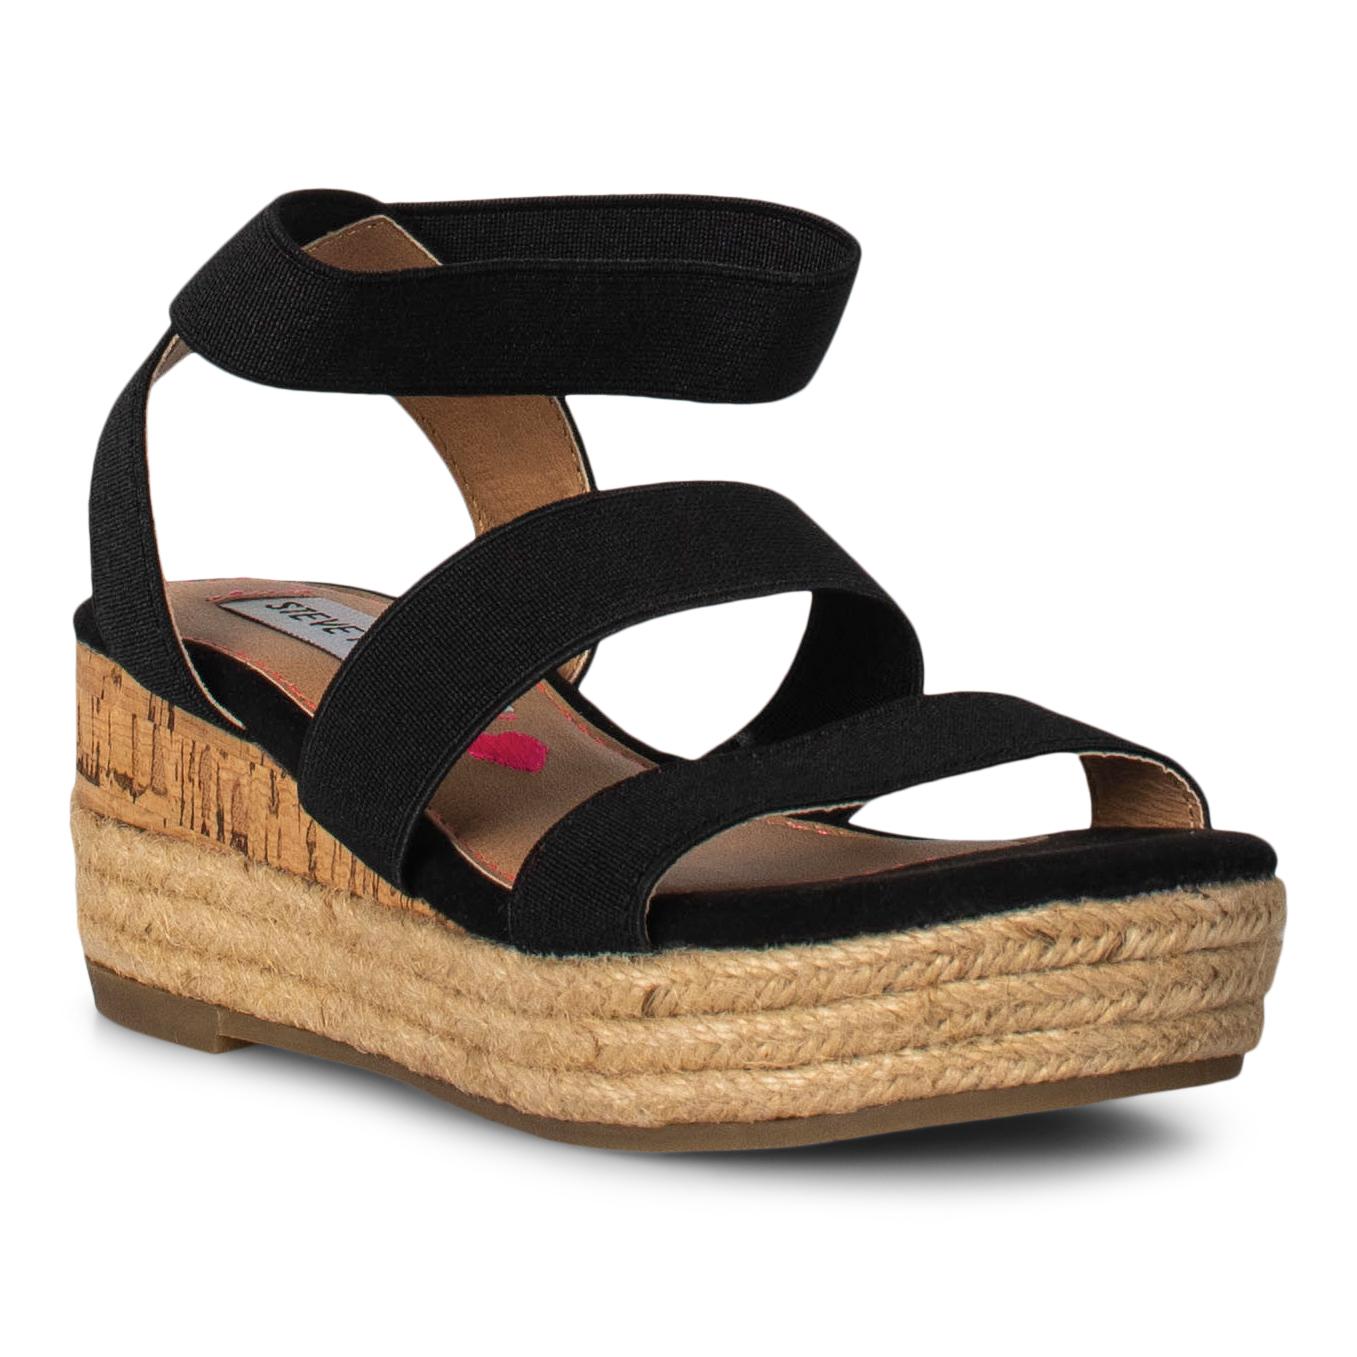 Steve Madden JBandi sandal